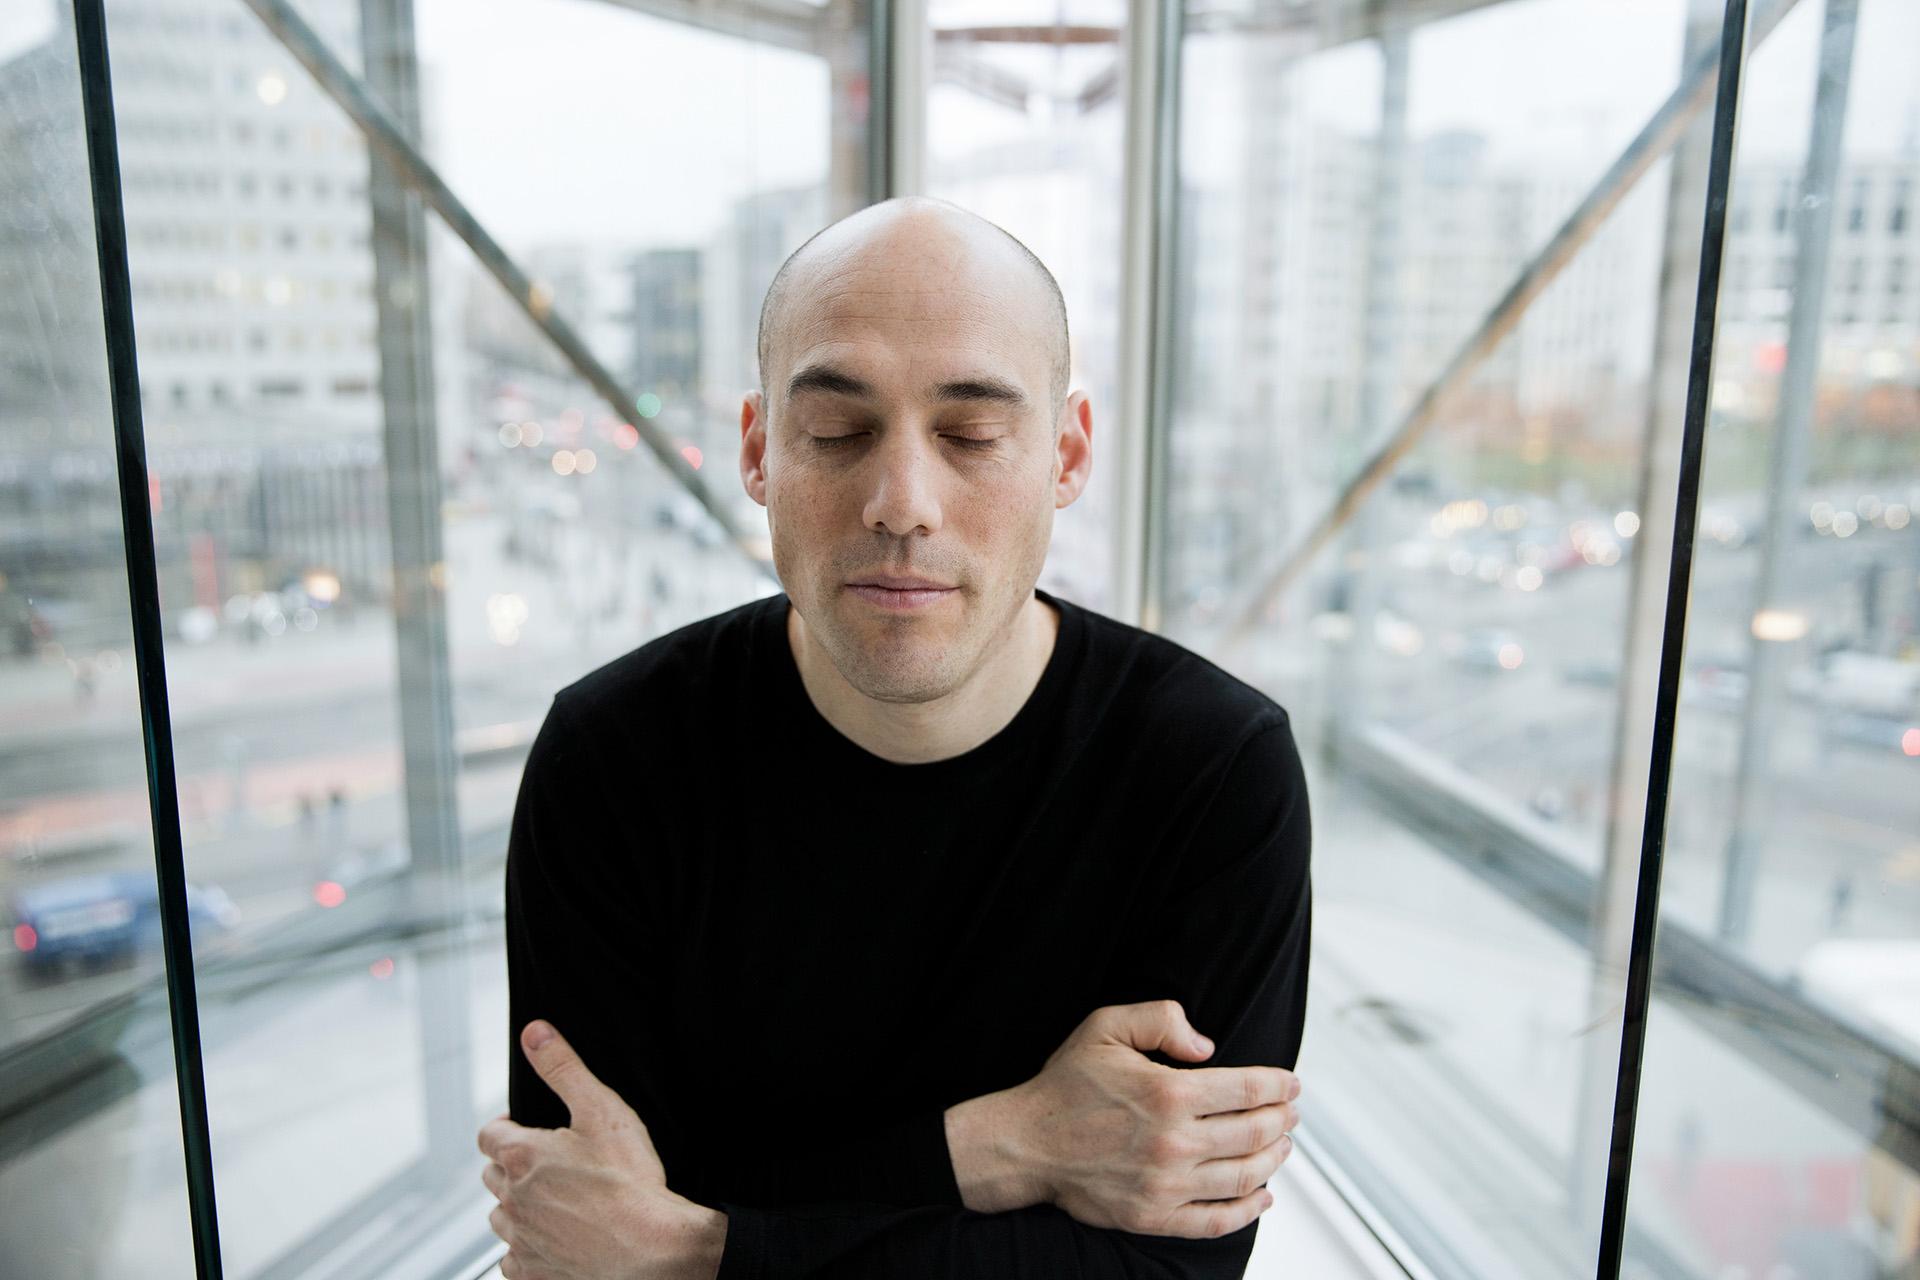 Joshua Oppenheimer, Director